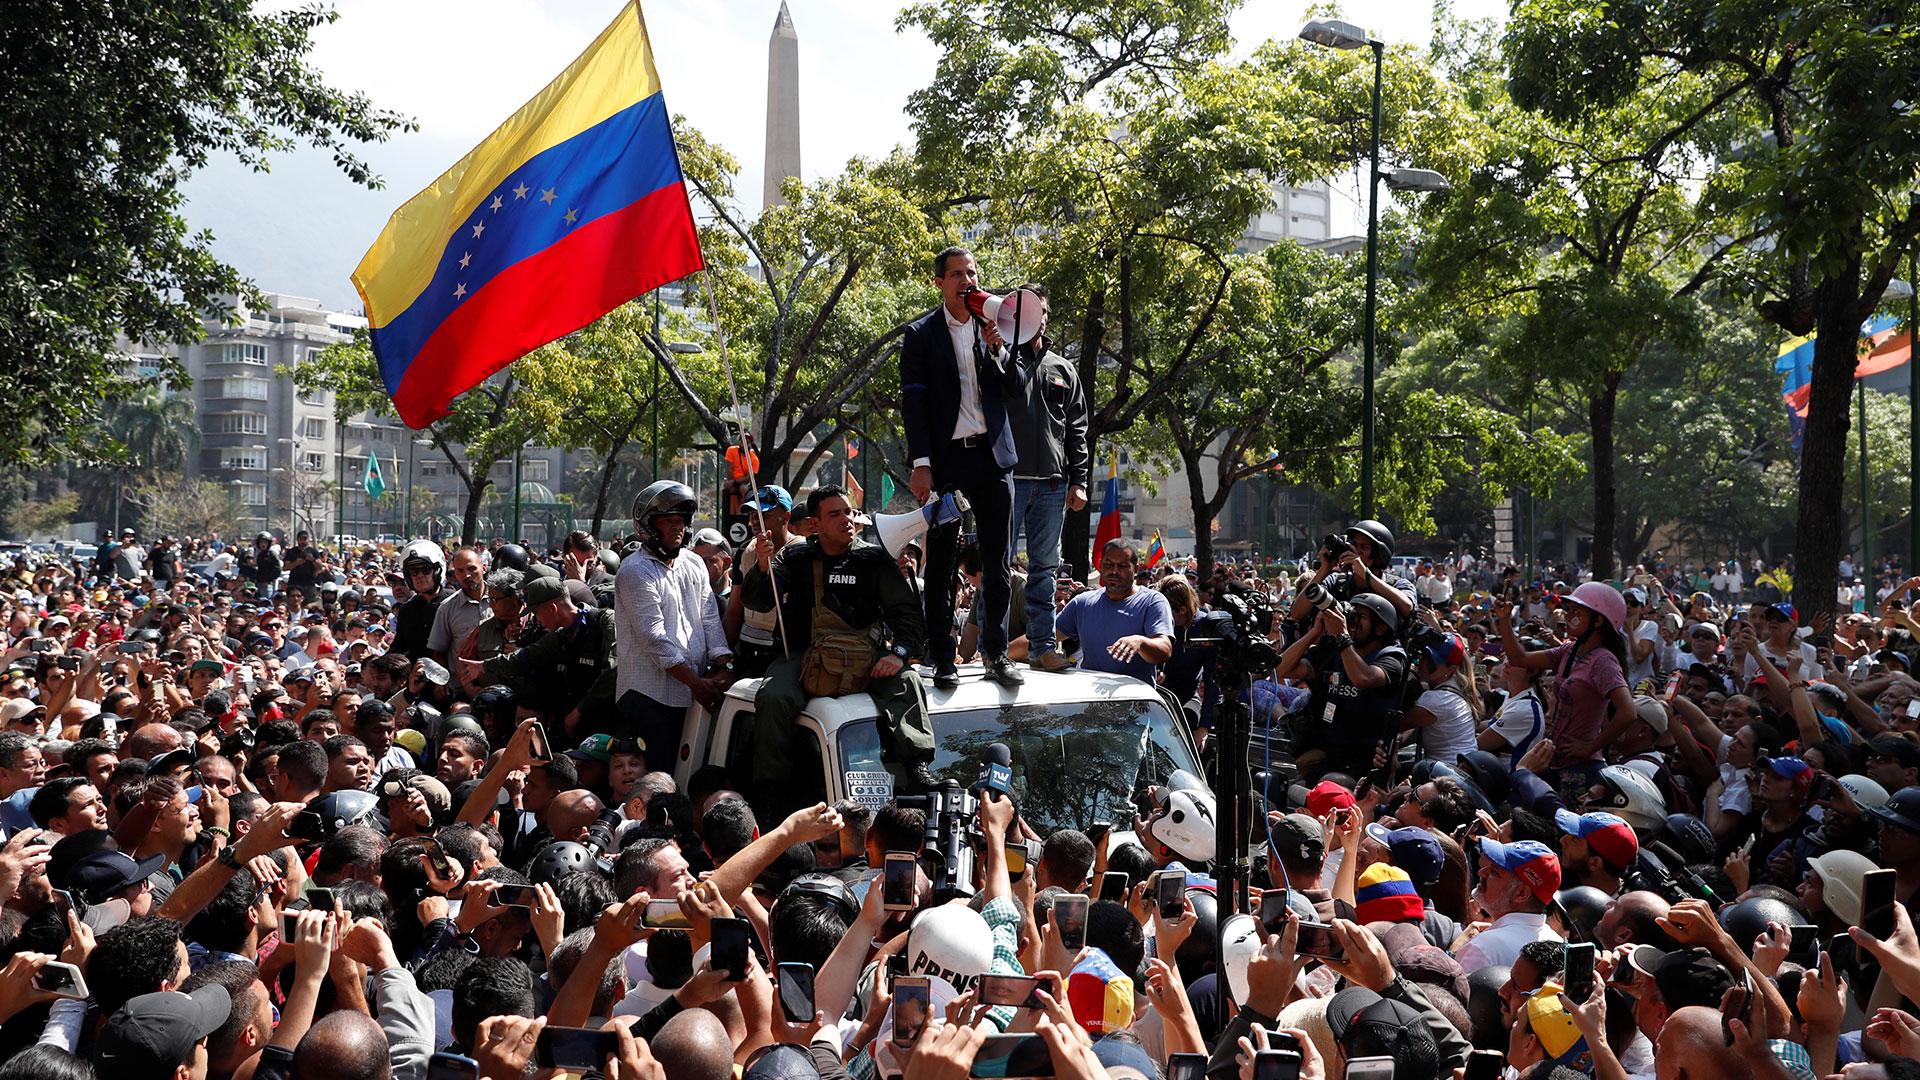 El líder de la oposición venezolana, Juan Guaidó, a quien muchos países han reconocido como el gobernante interino legítimo del país, habla con sus partidarios en Caracas, Venezuela, este martes 30 de abril